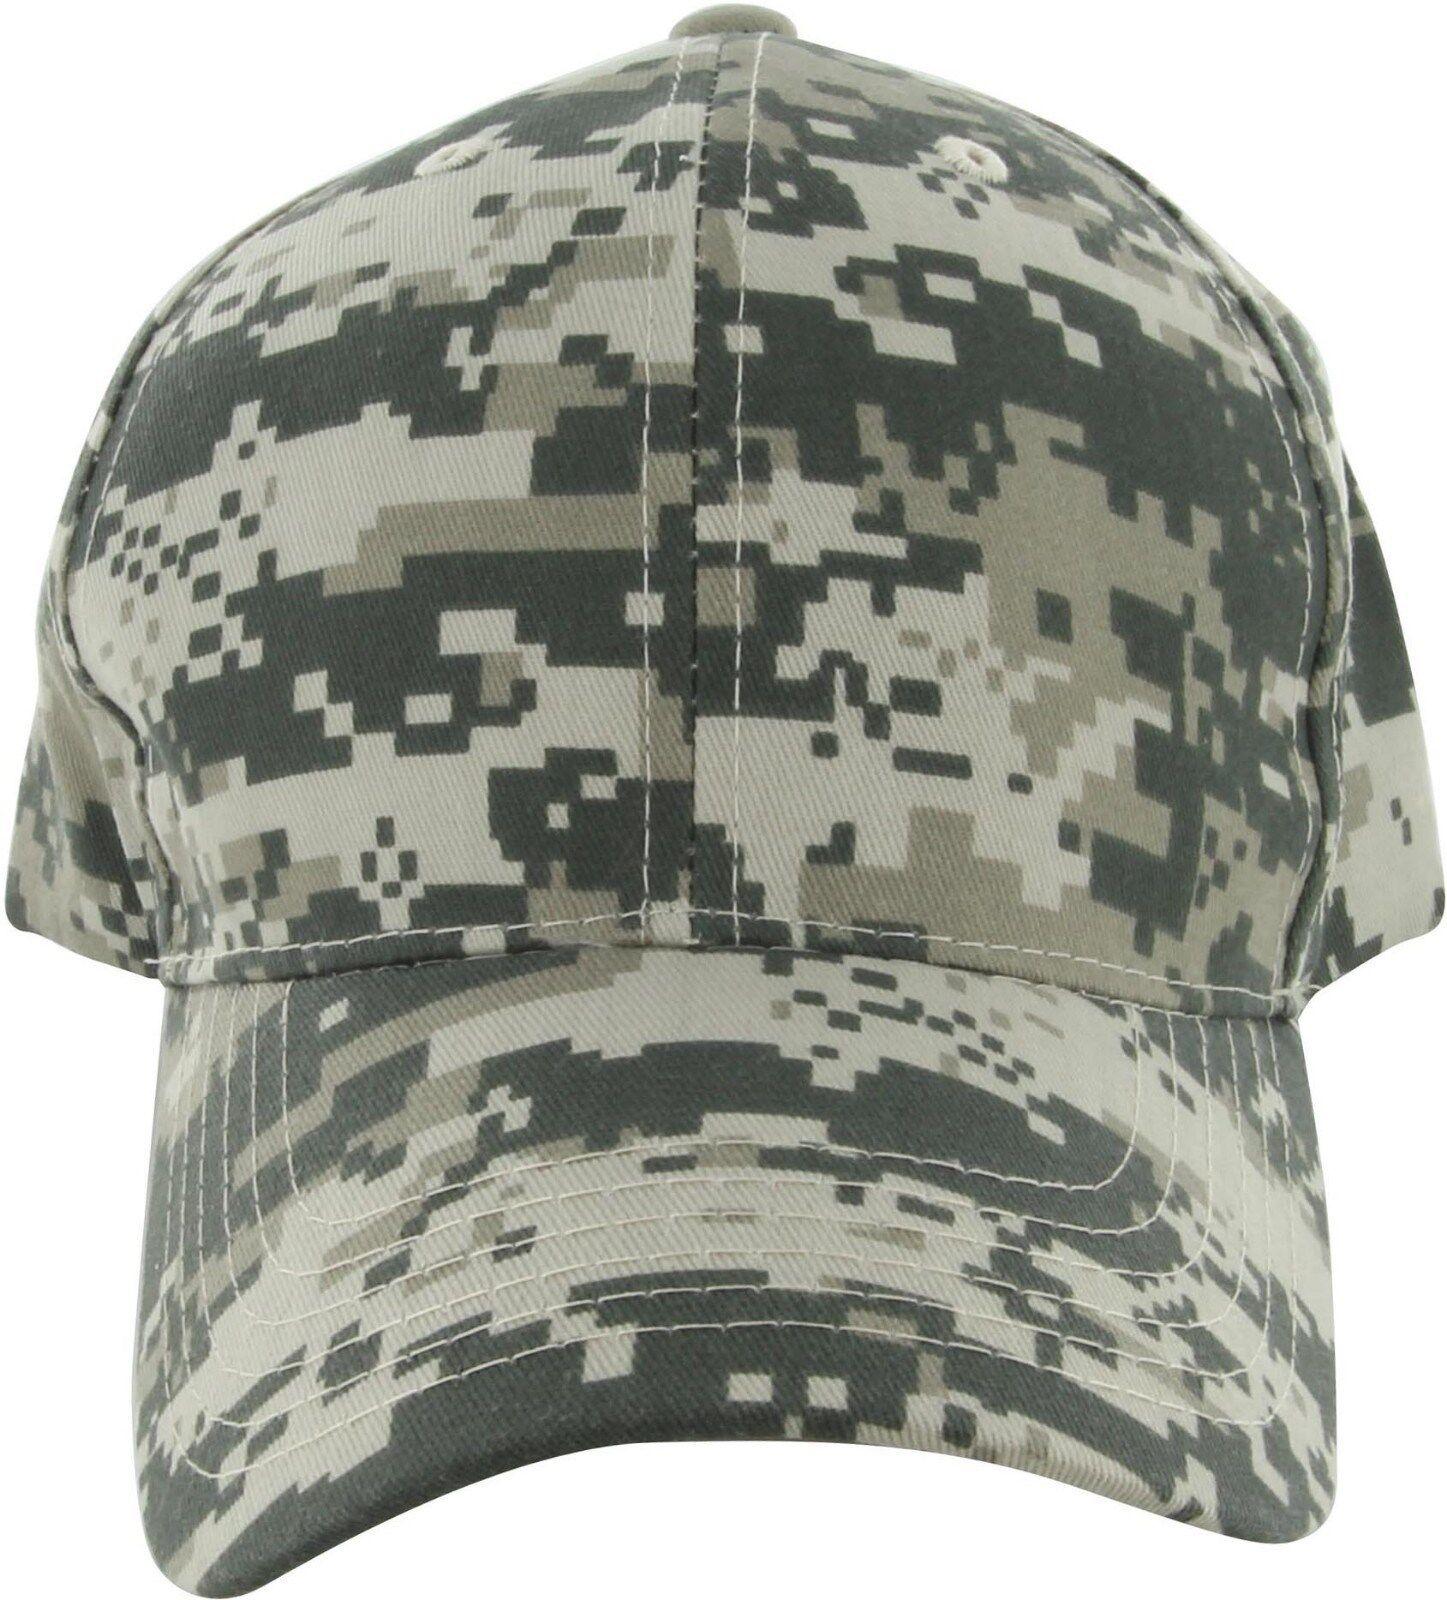 ce4dc367148 Peaches Pick NEW Digital Grey or Green Camo Cotton Twill Sport Caps